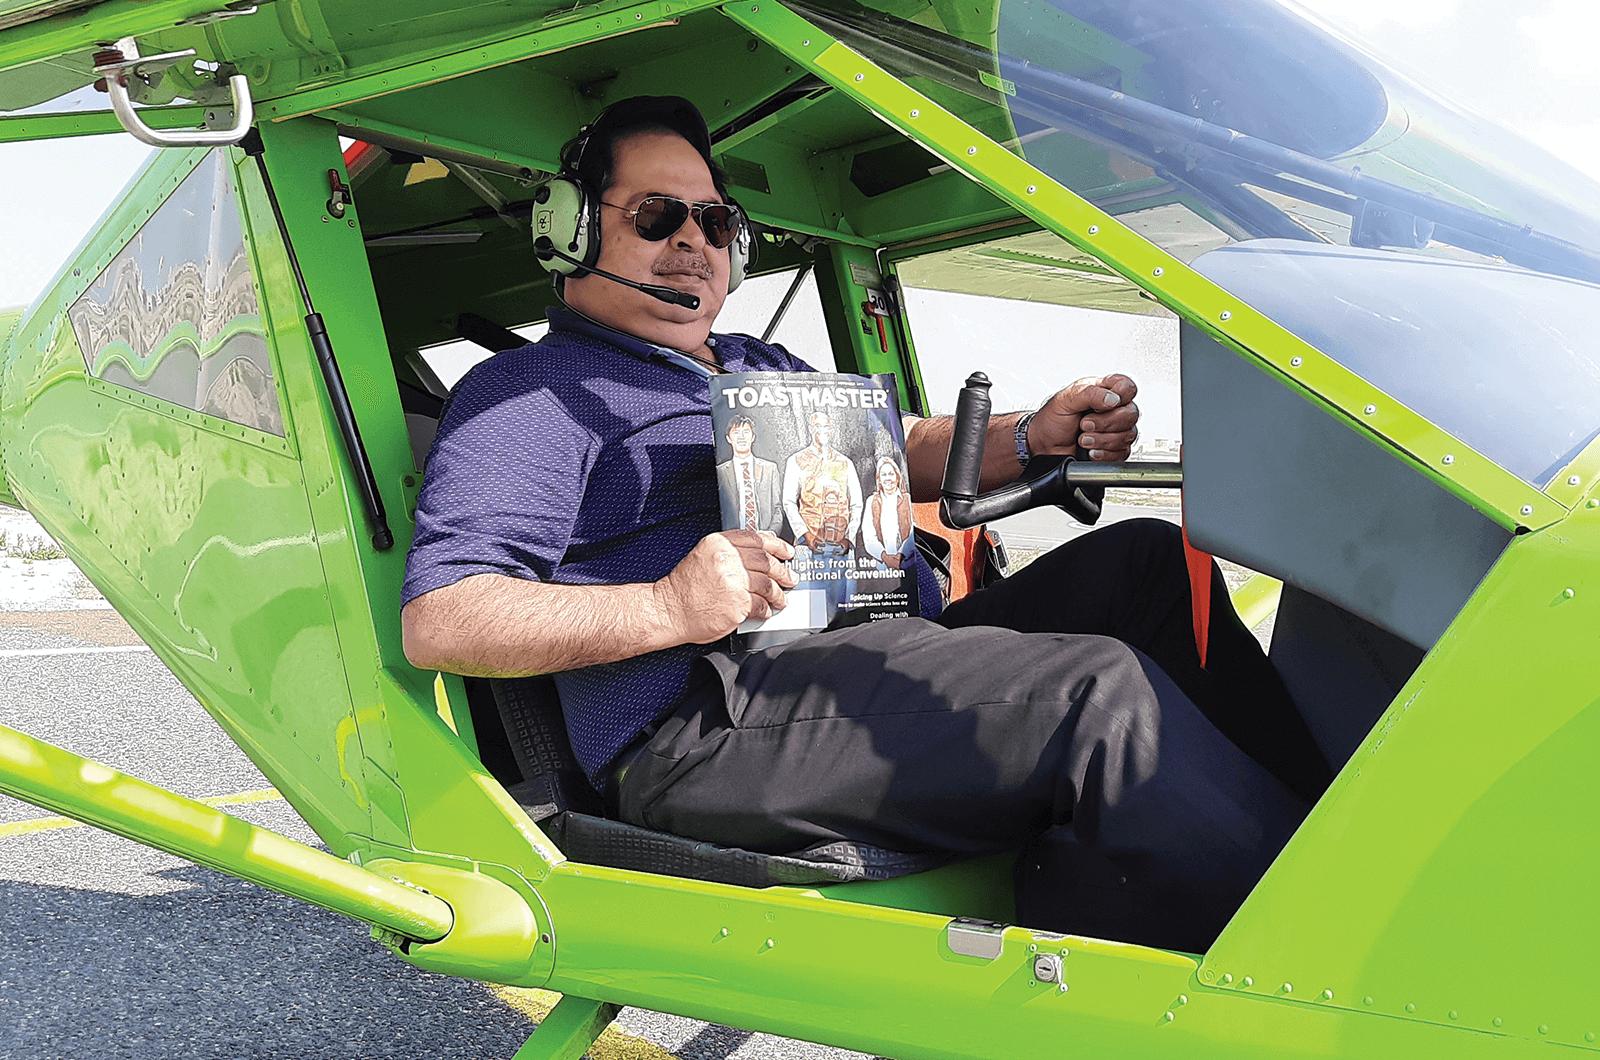 Deepak Tekchandani of Mumbai, Maharashtra, India, is ready to take flight with his magazine to Ras al Khaimah, United Arab Emirates.